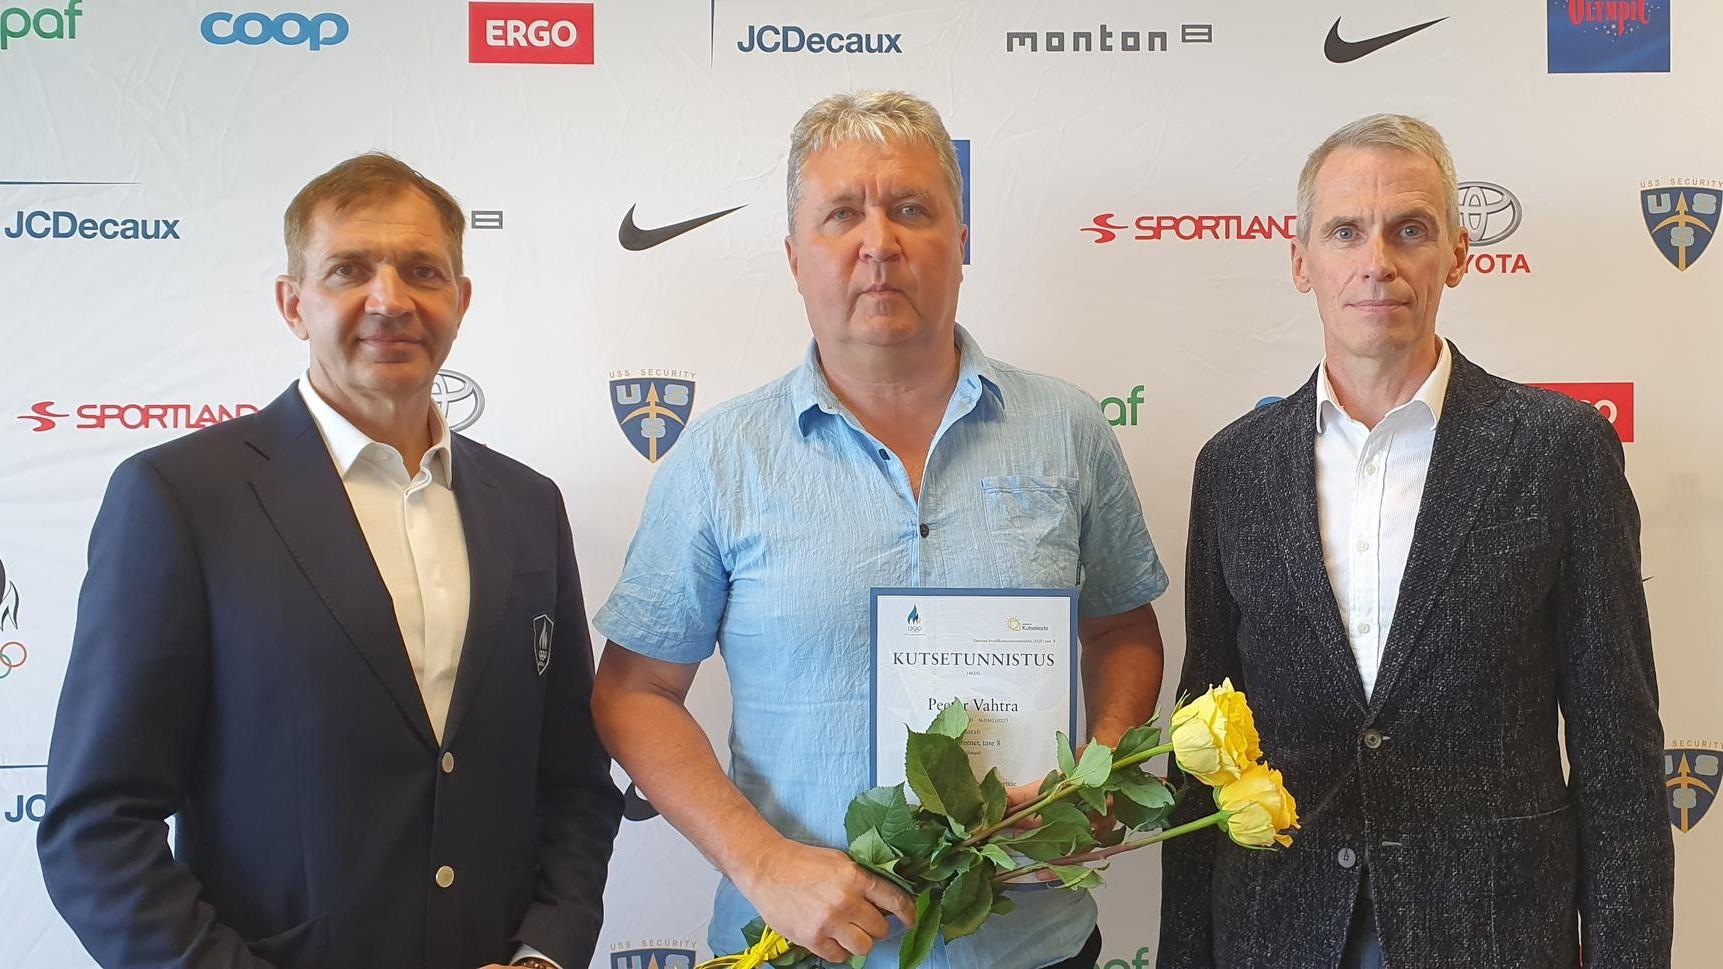 Peeter Vahtrast sai esimene eliittreeneri kutsetunnistusega Eesti võrkpallitreener